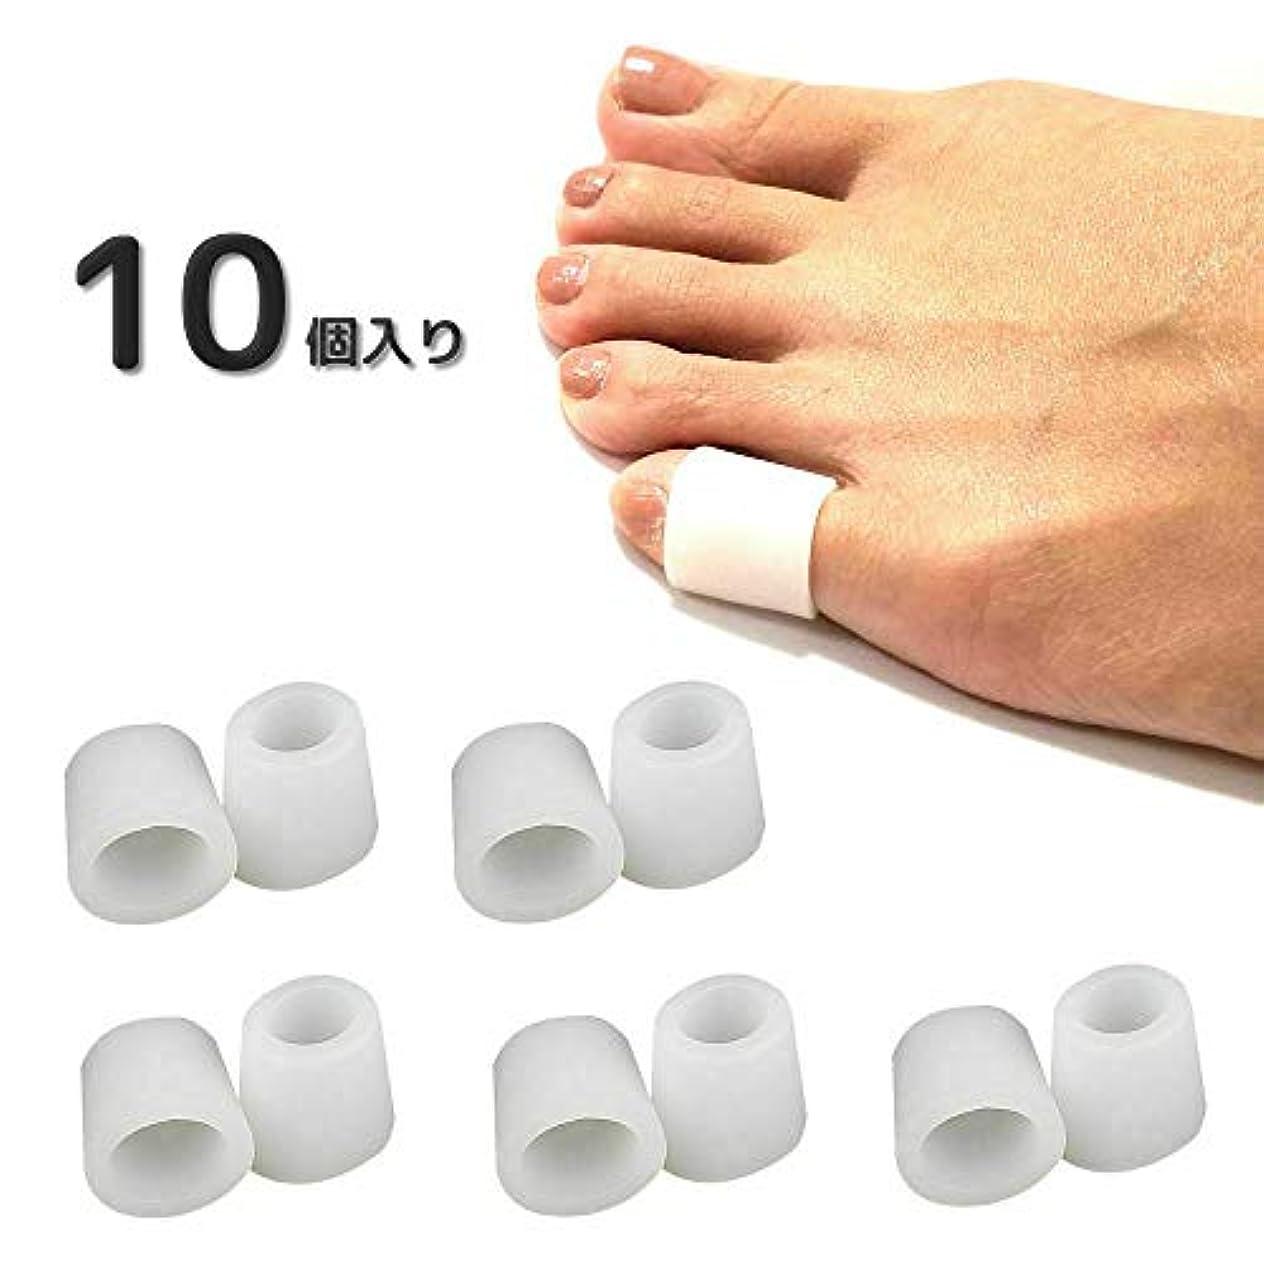 一口実証する透明にLumiele 指や爪の保護キャップ 足爪 足指 柔らかシリコン サポーター 小指 指サック 5セット 10個入り